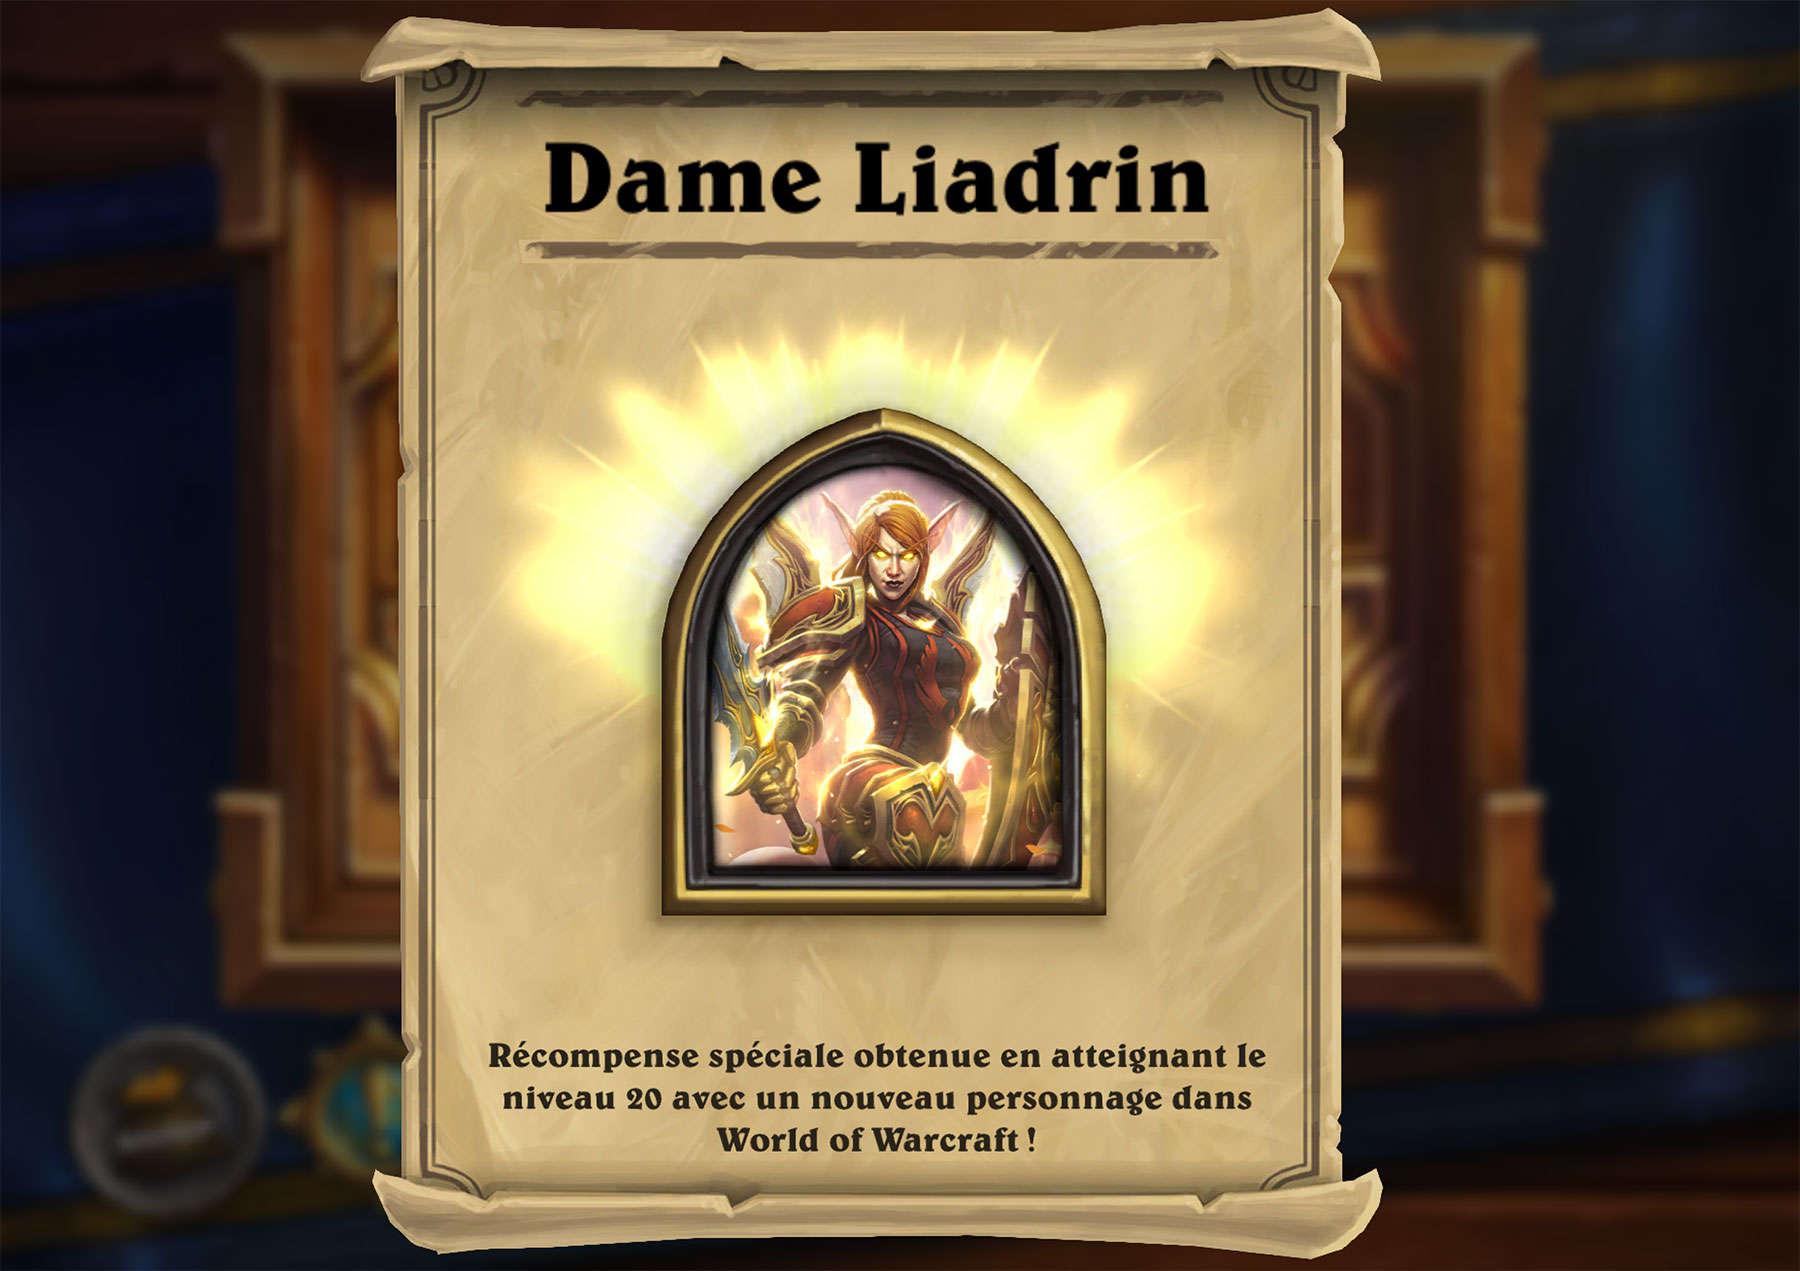 dame-liadrin-debloquee-grand